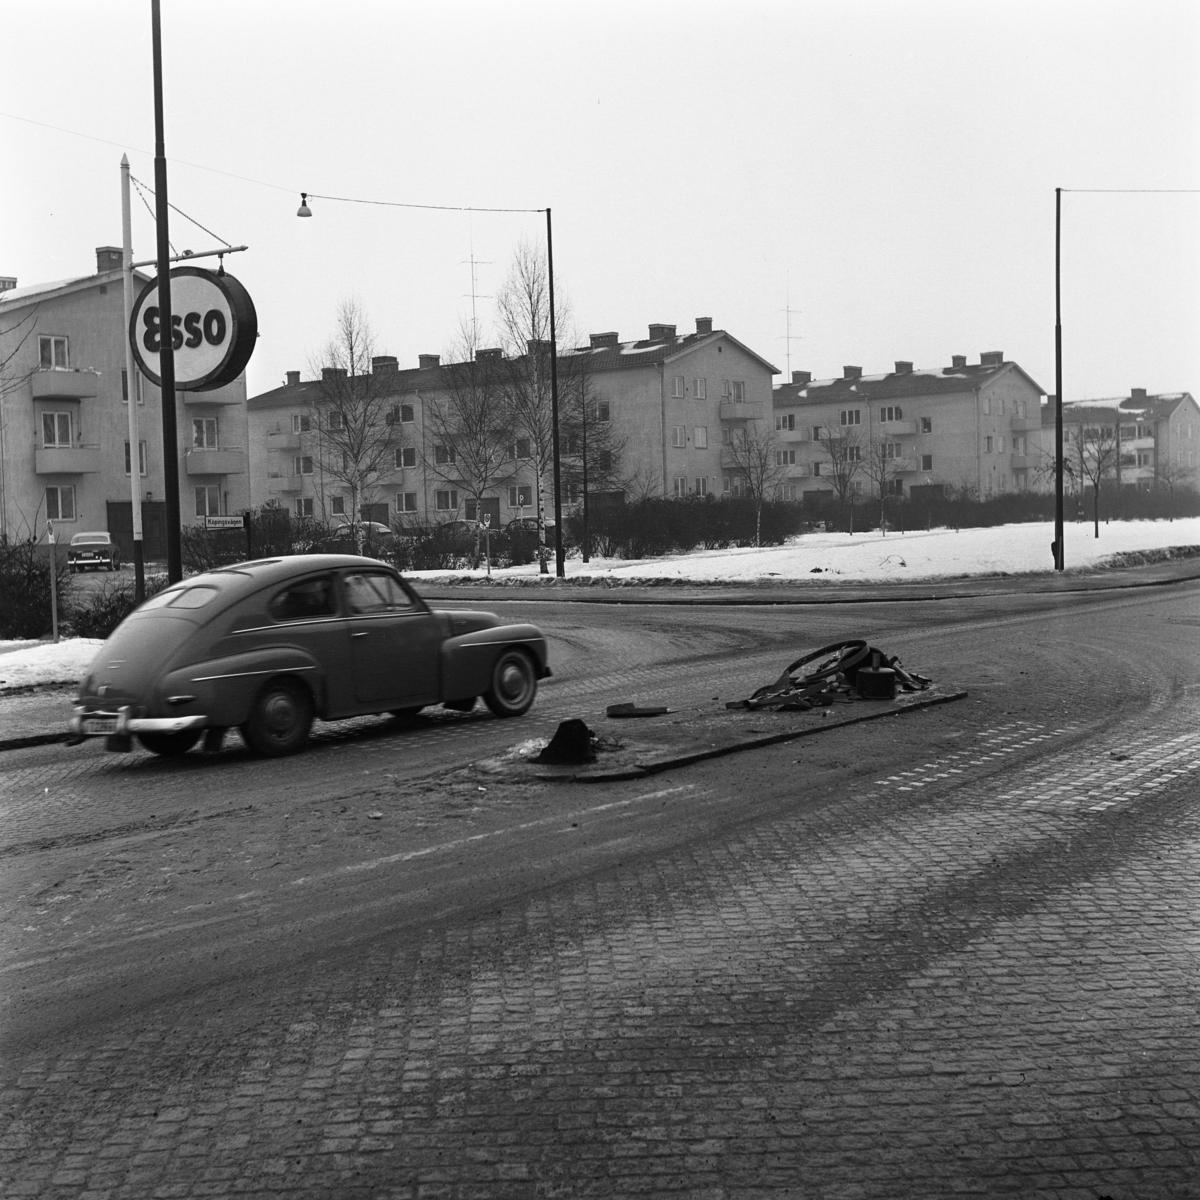 Trafikdelaren, vid järnvägsstationen, är sönderkörd av en lastbil.  I bilden ses en Volvo PV, en skylt till bensinmacken ESSO samt flerfamiljshus i Vasastan.